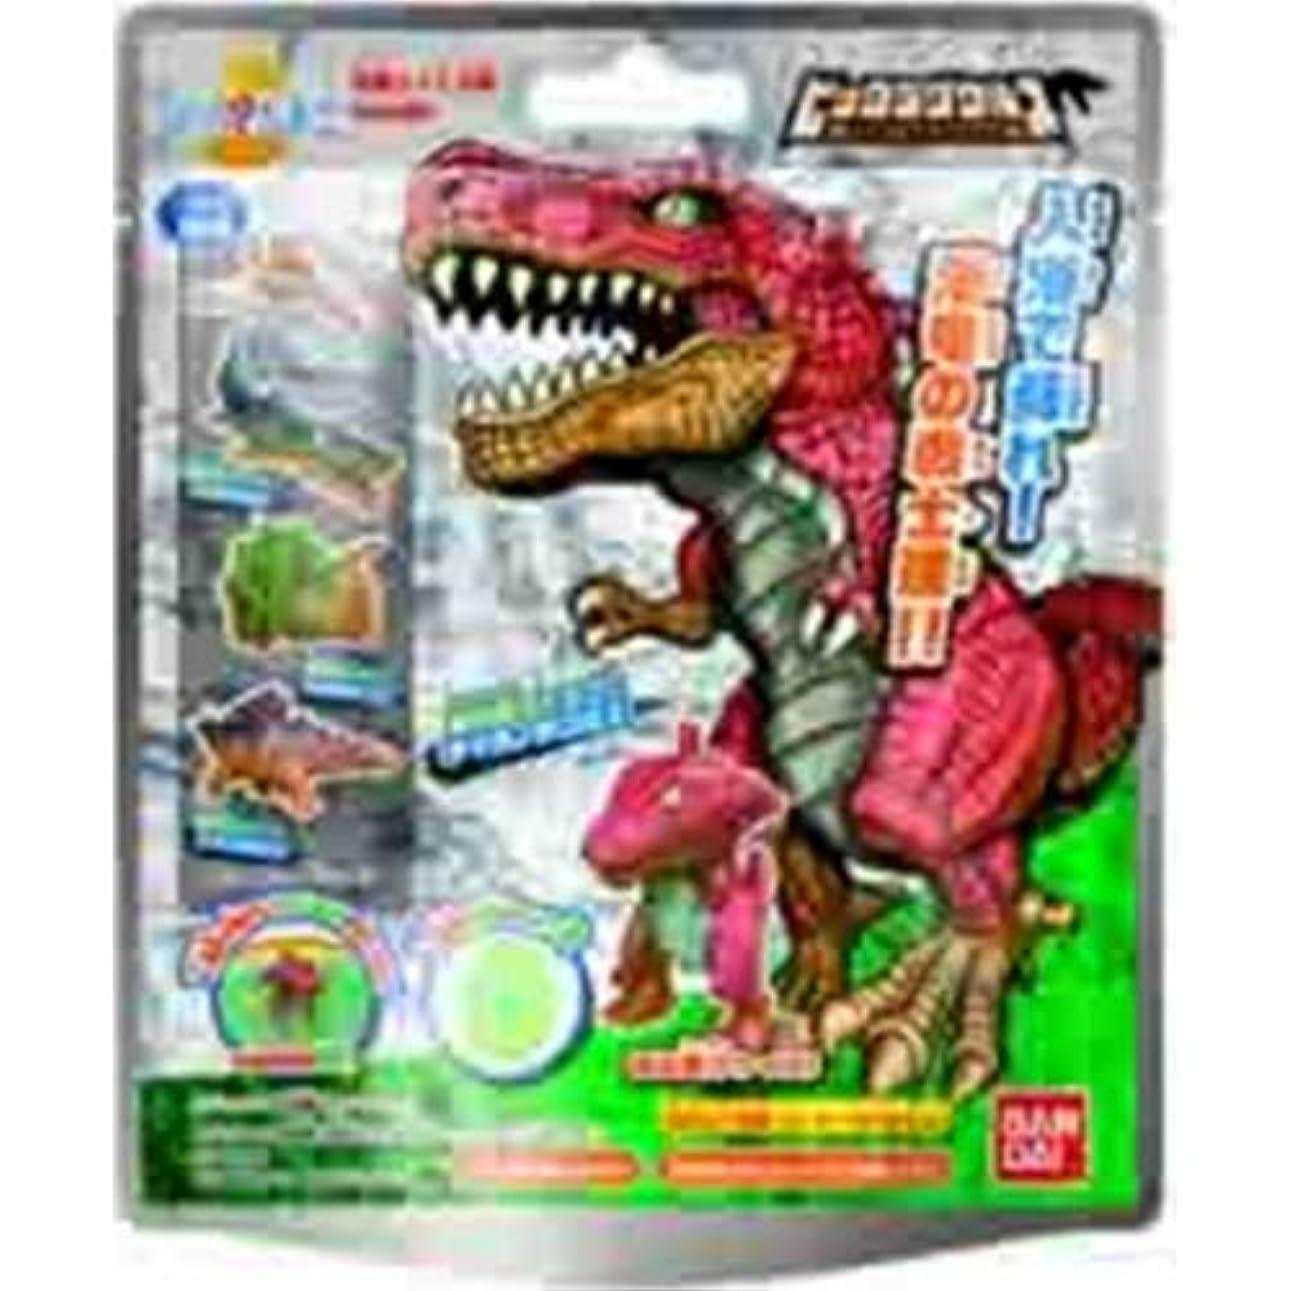 バンダイ びっくらたまご ビックラザウルス